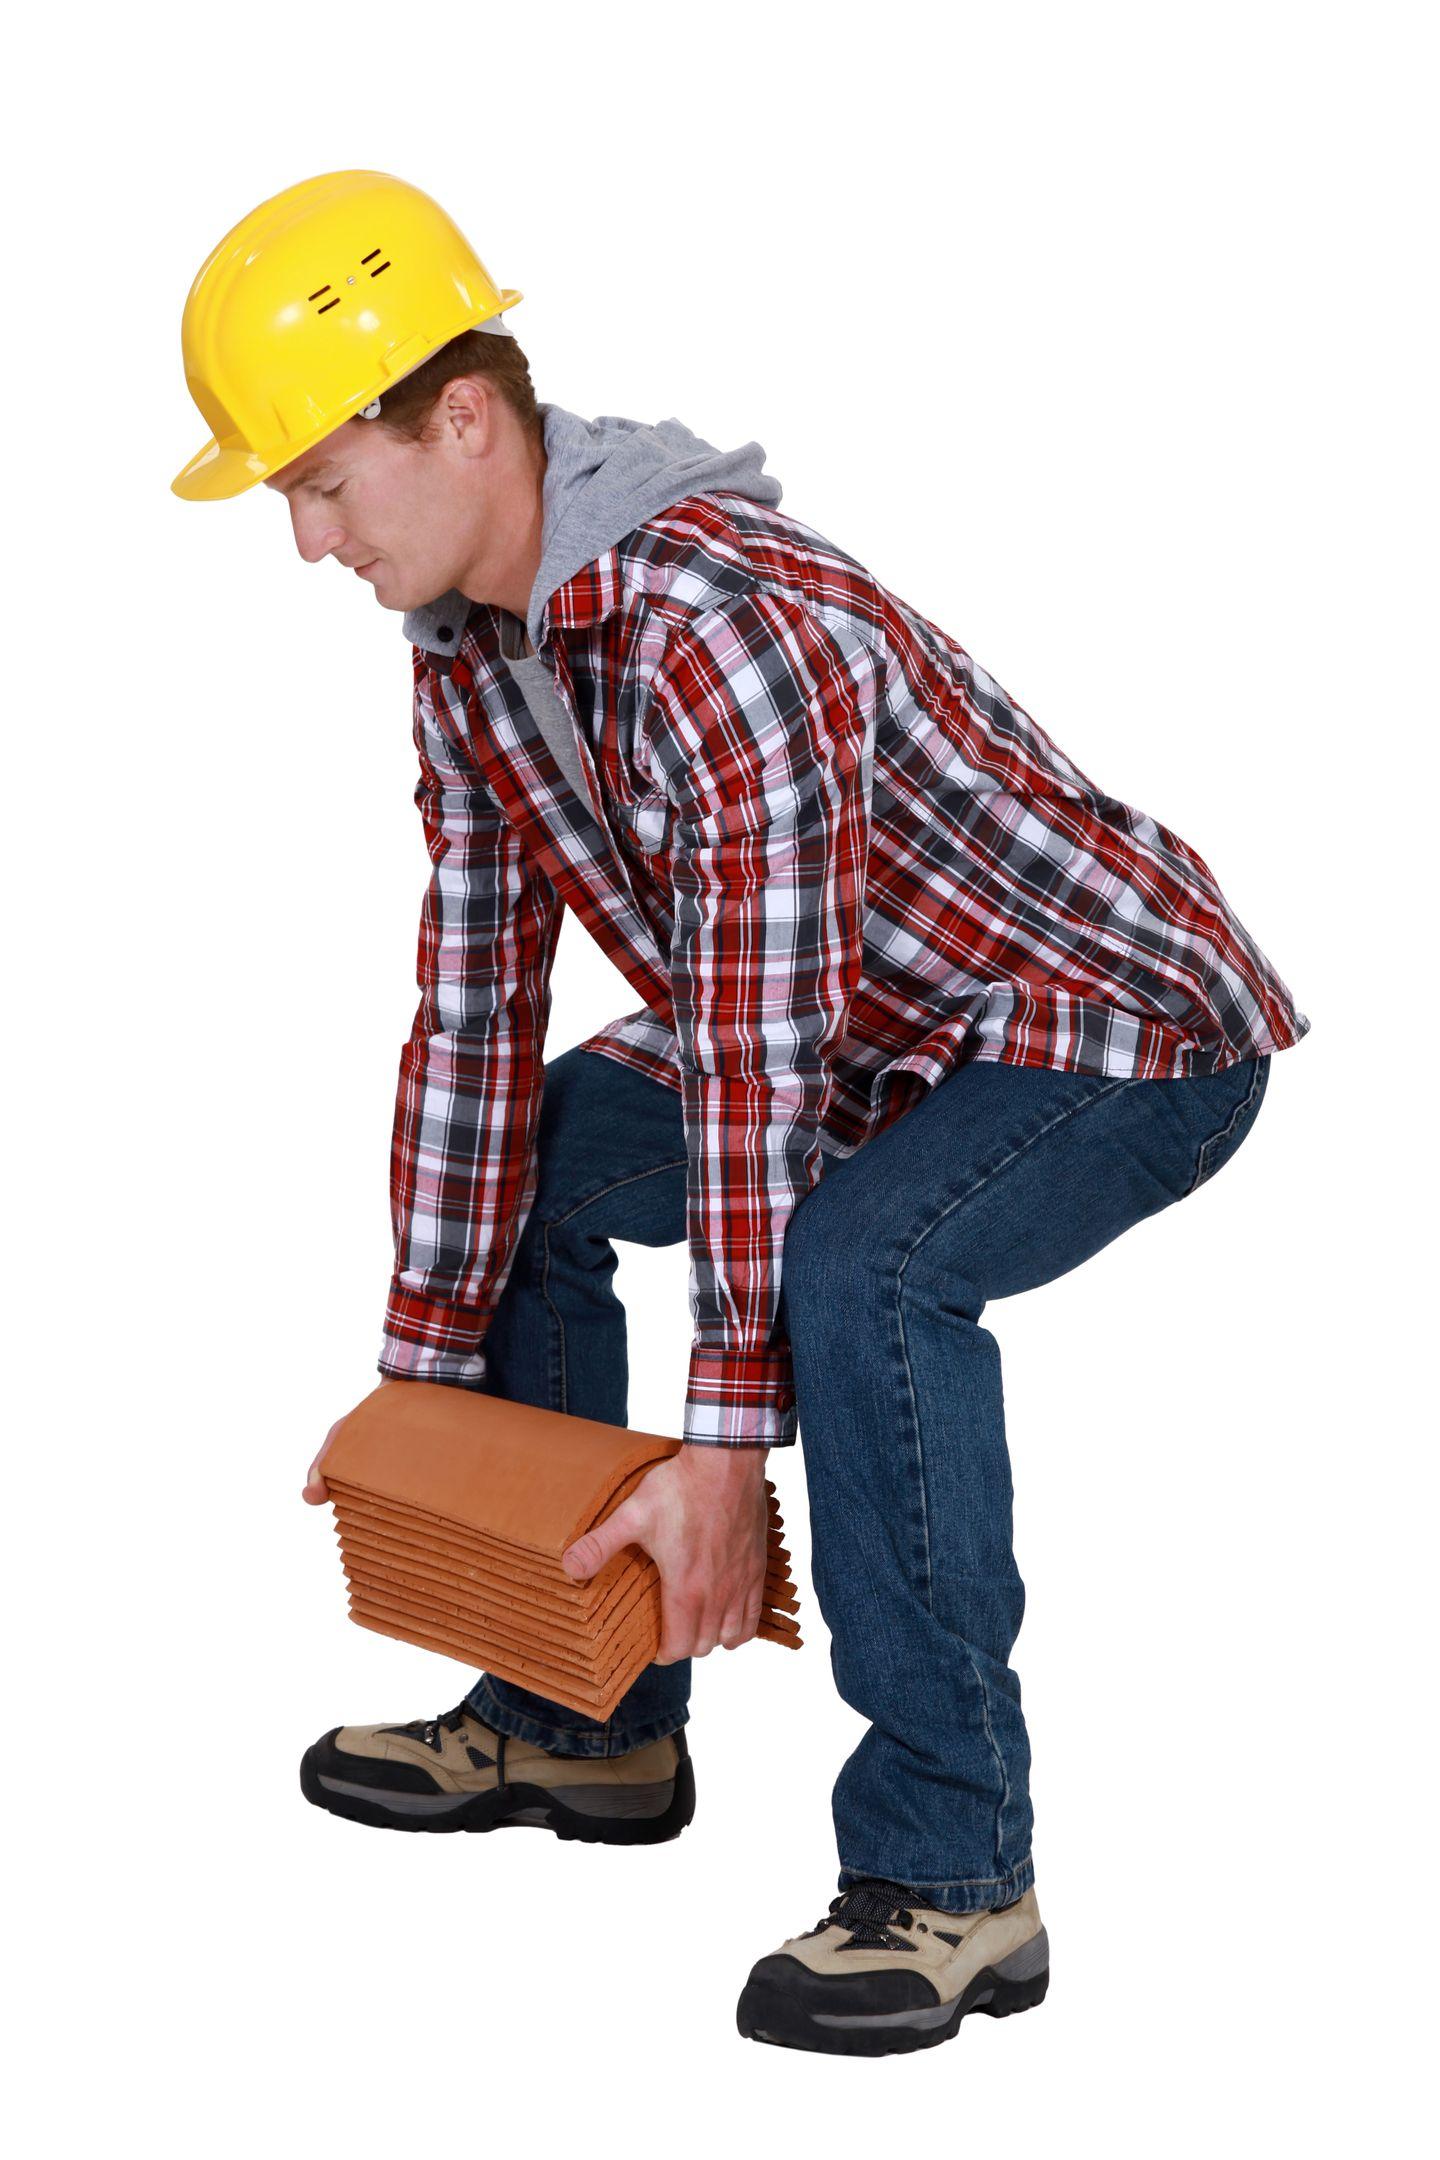 Heben Sie mit geradem Rücken! Das geht so: Sie stellen sich möglichst nah an den schweren Gegenstand und gehen dann in die Hocke. Aber beugen Sie die Knie dabei nicht mehr als 90 Grad. Dann heben Sie die Last aus den Knien heraus. Der Rücken bleibt gerade. Wenn Sie die Last wieder auf den Boden stellen, geht es genau umgekehrt - erst in die Hocke, dann absetzen.